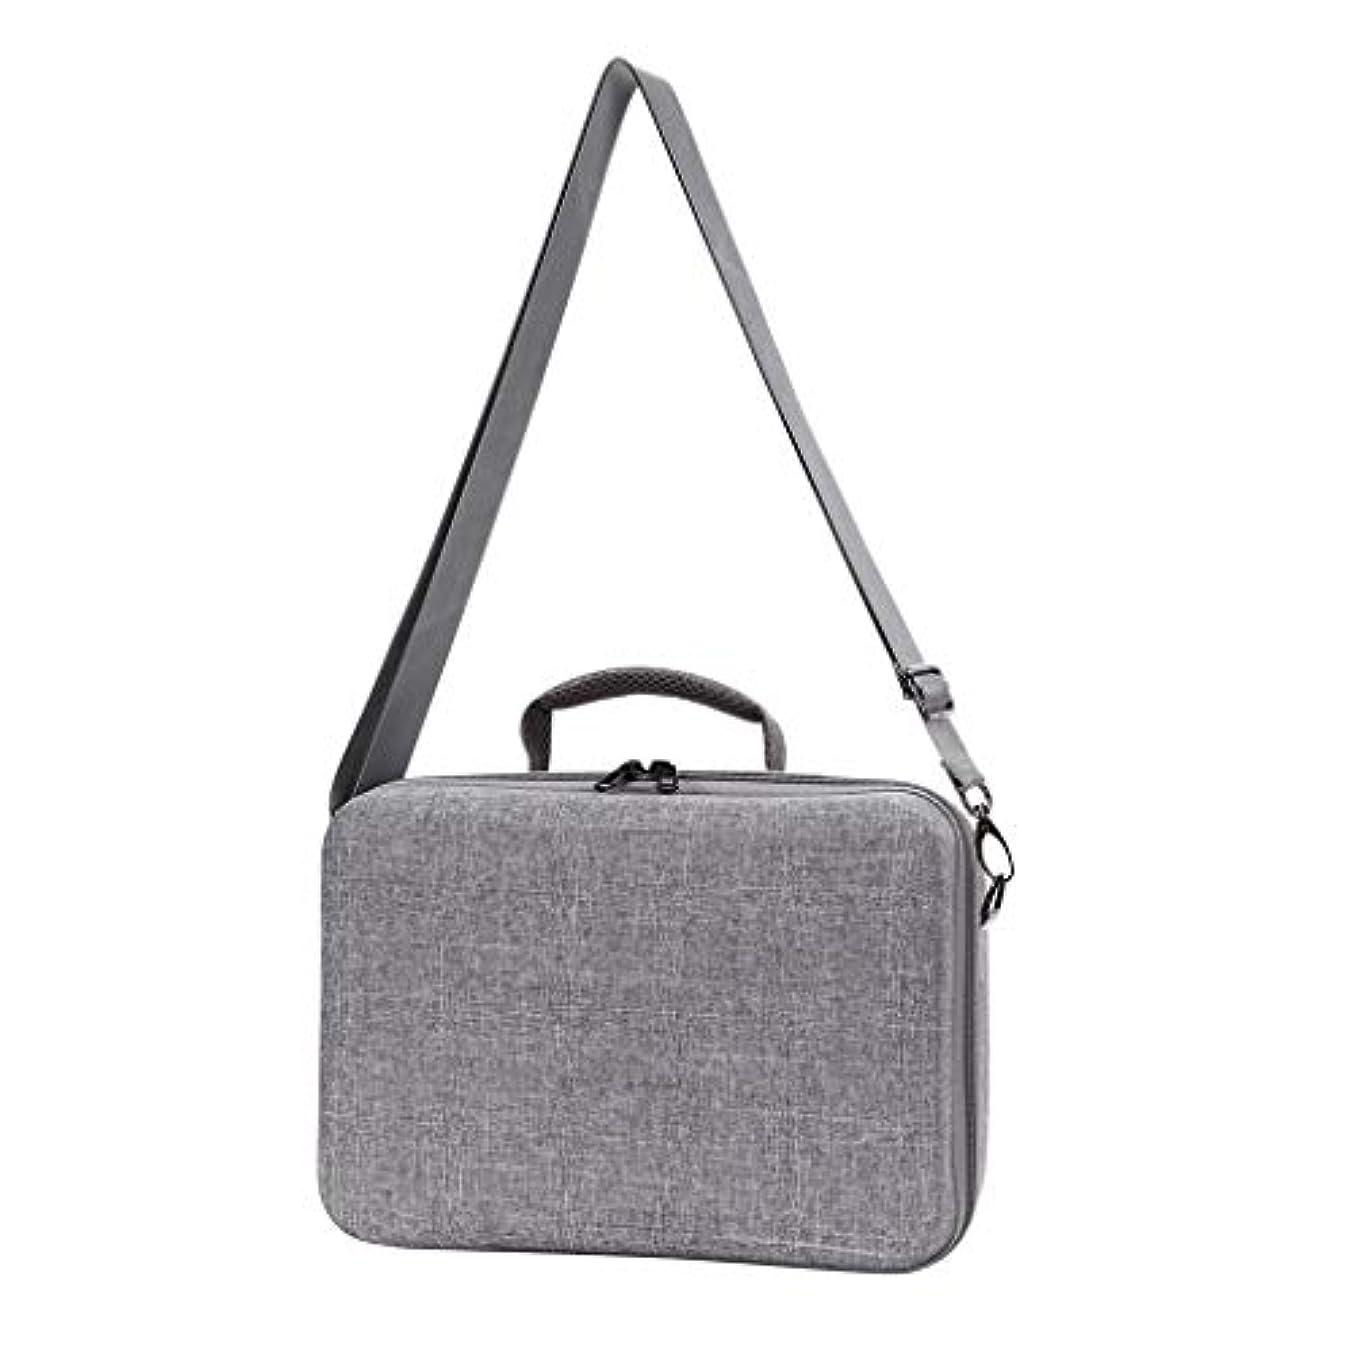 イタリック抱擁シェトランド諸島Hellery 収納バッグ スーツケース 防水 道具 ケース 汎用性